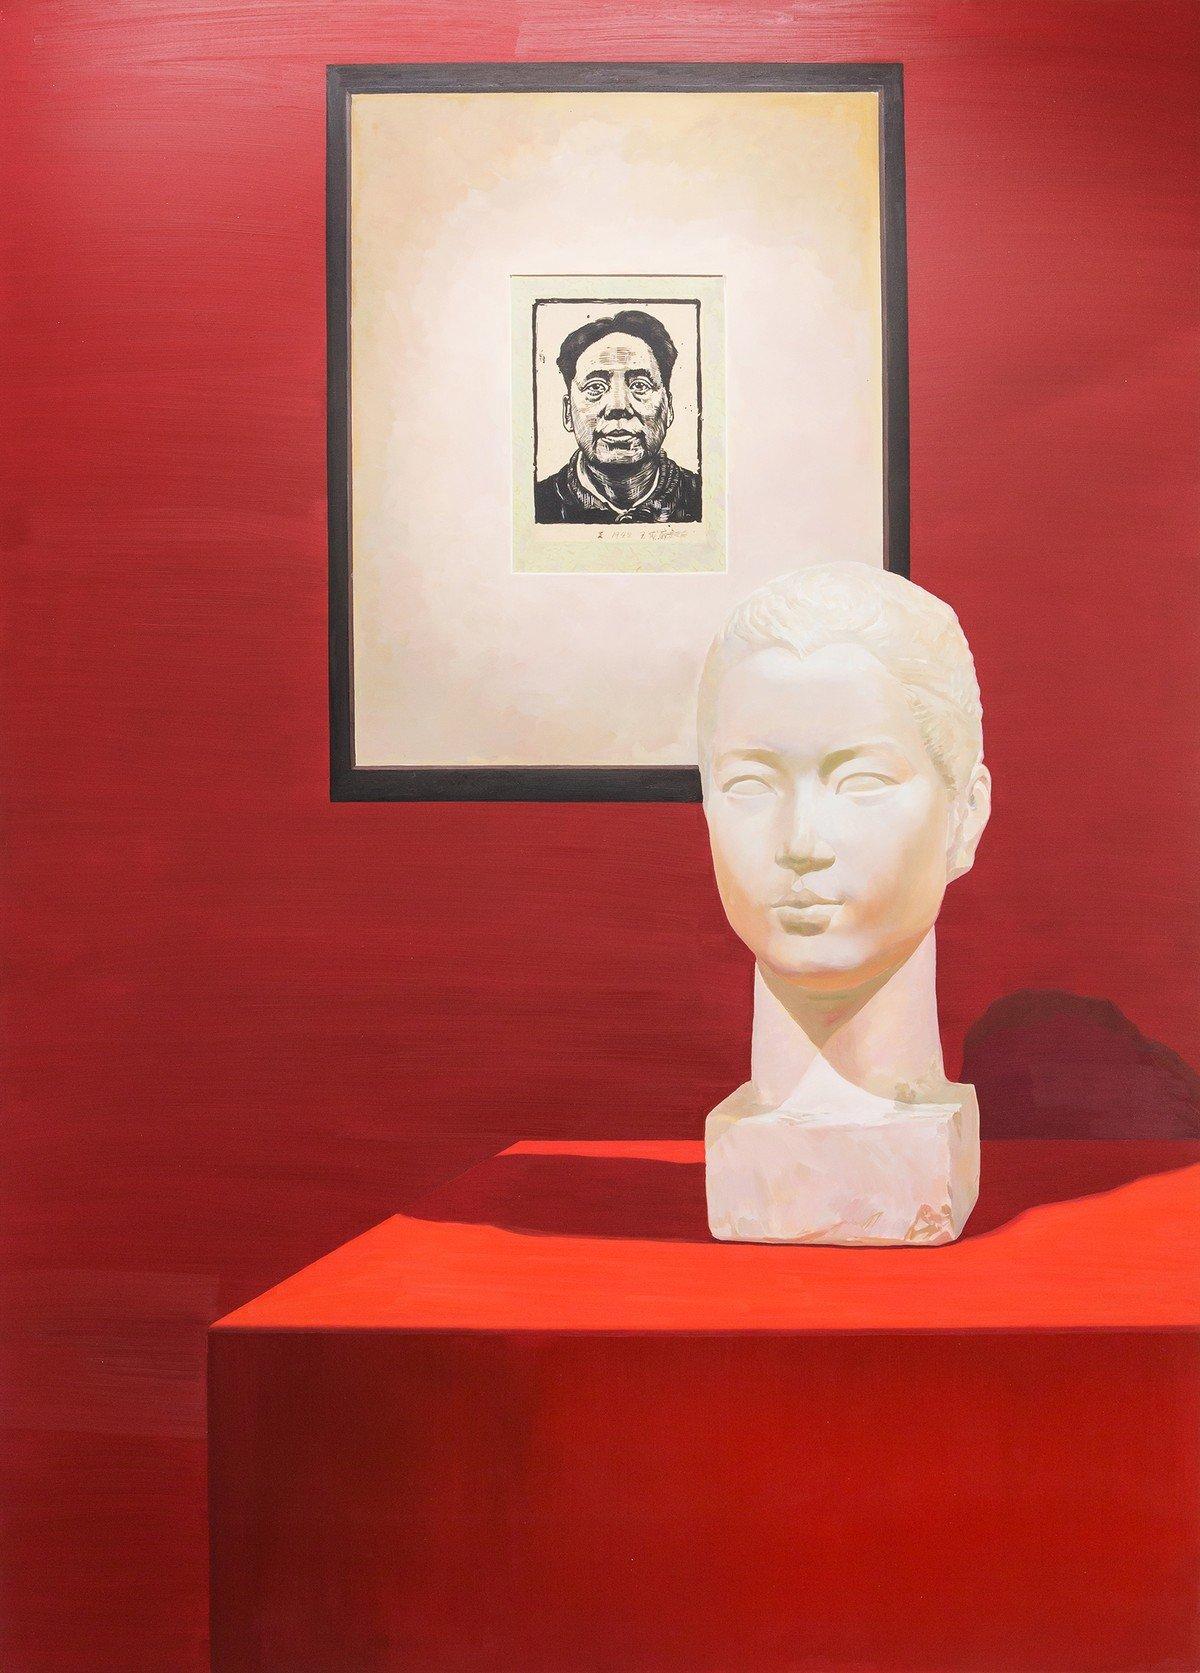 Wang Shikuo in 1942 and Wang Zhaowen in 1951